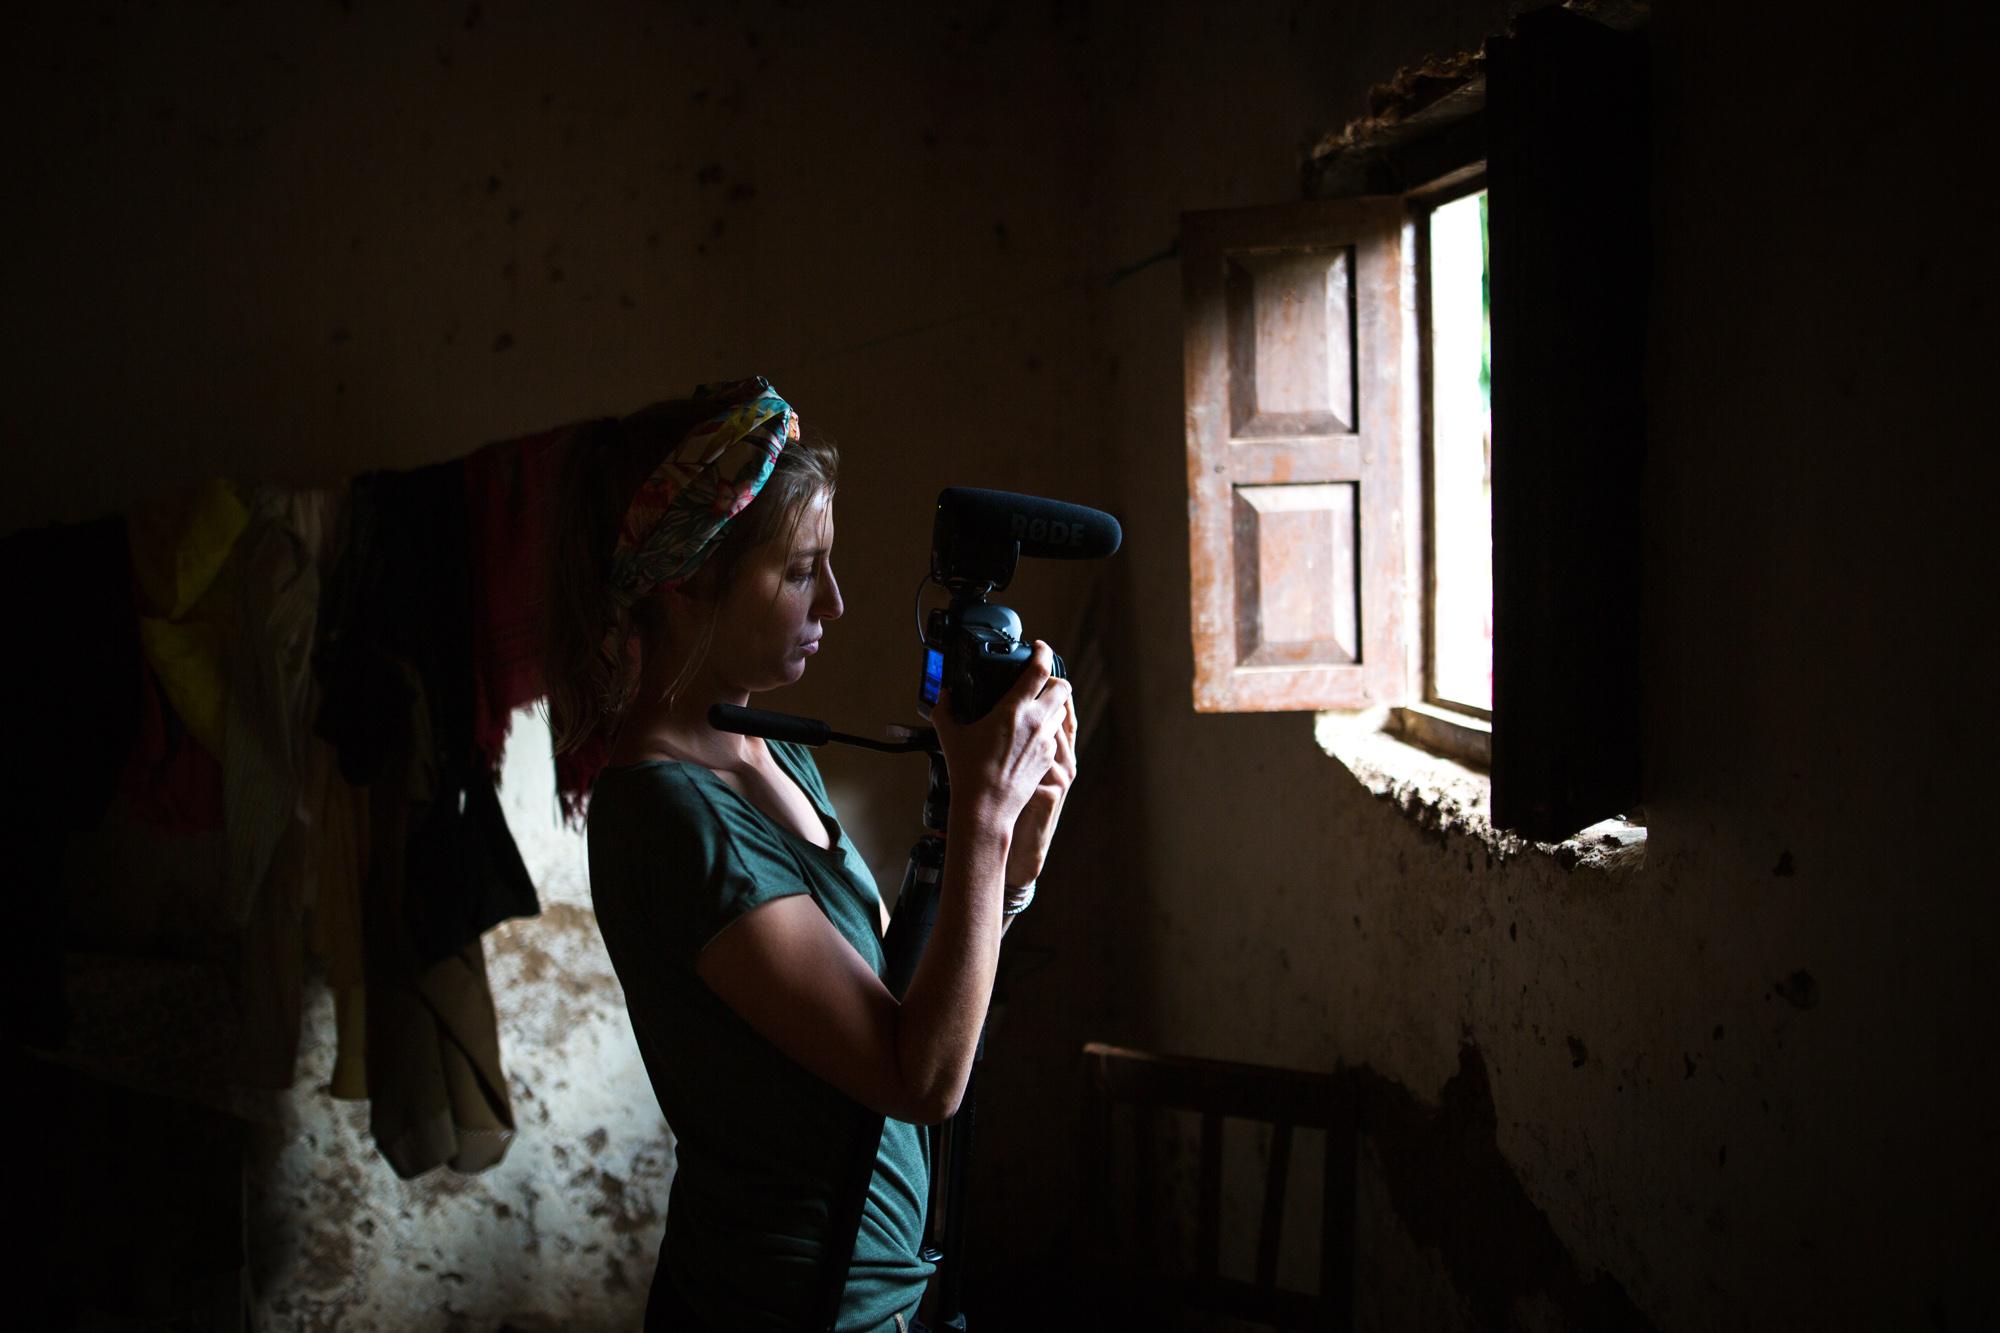 """Résultat de recherche d'images pour """"la VIE D'UNE PETITE CULOTTE ET DE CELLES QUI LA FABRIQUENT film photos"""""""